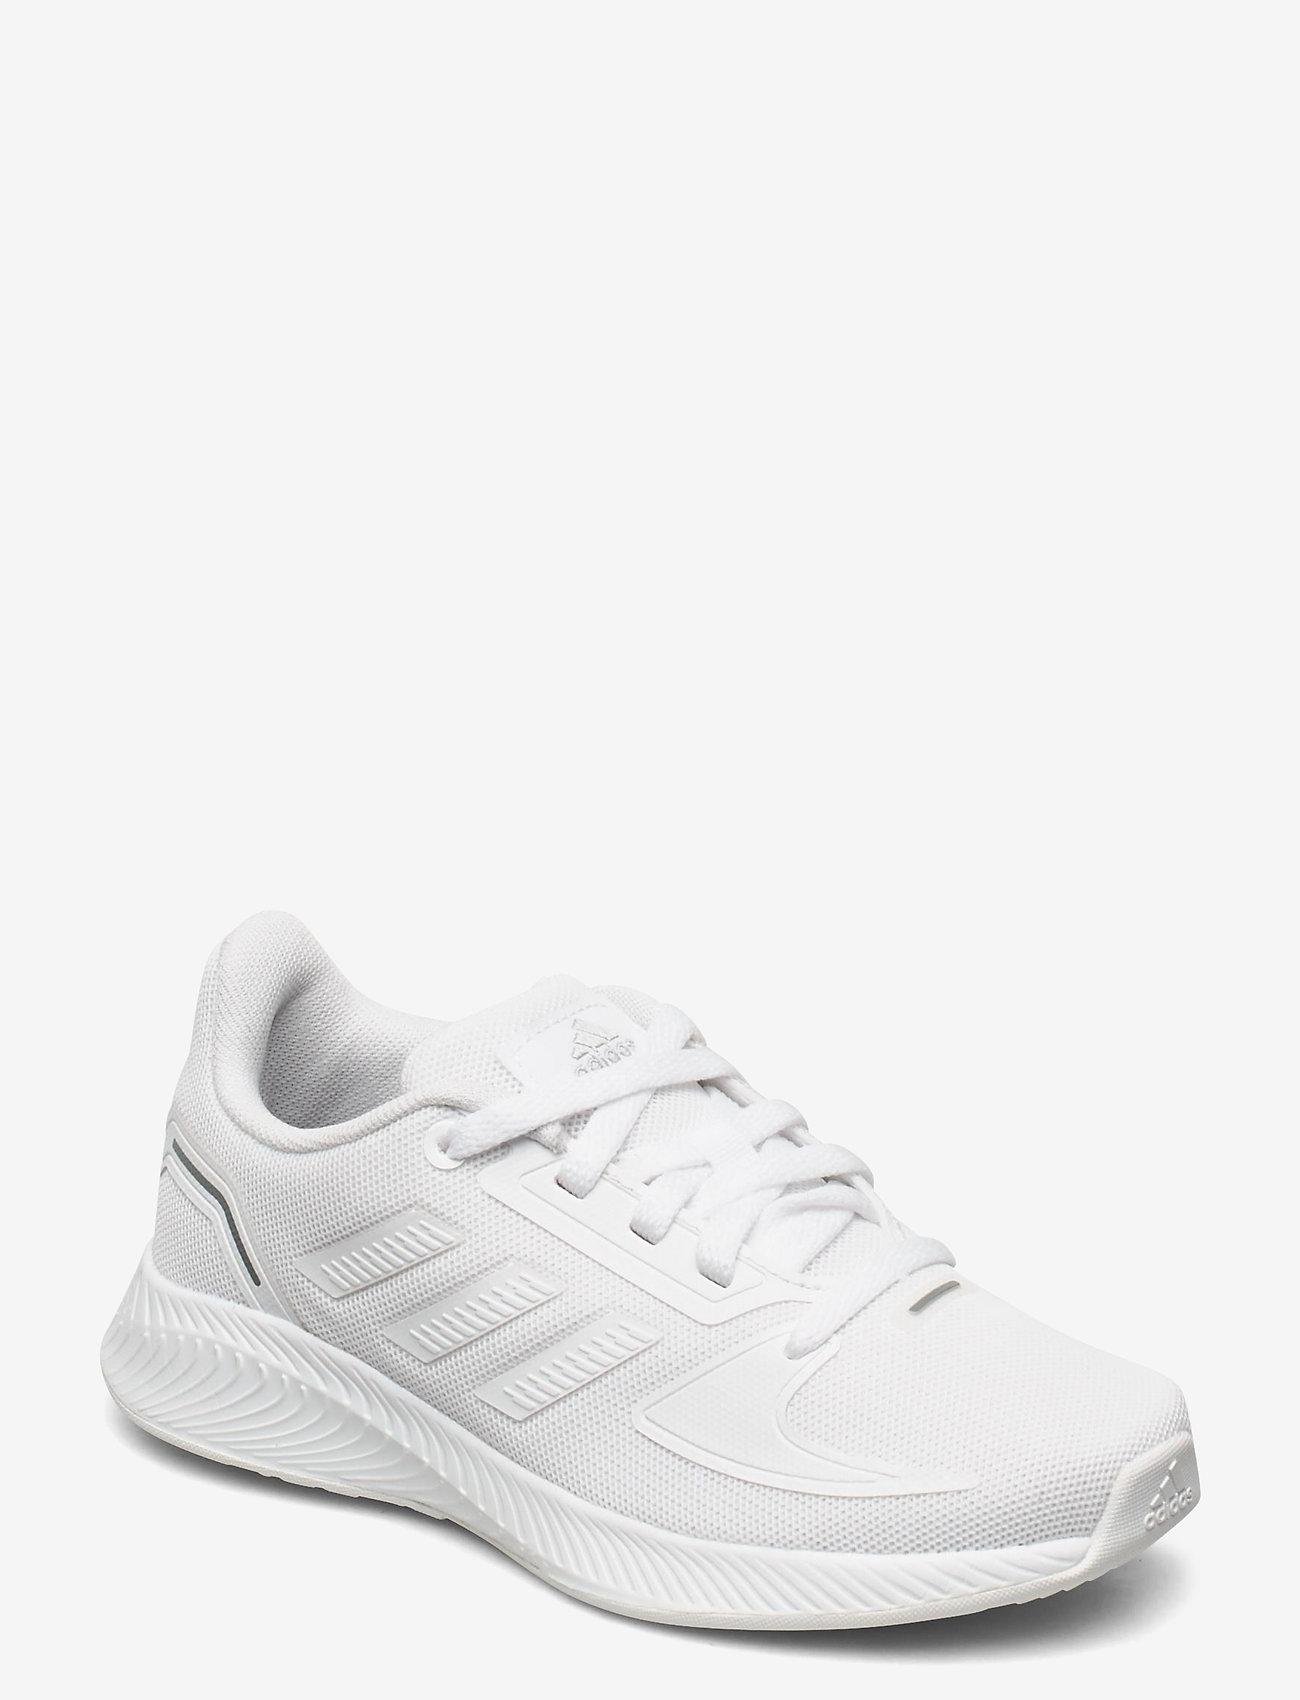 adidas Performance - RUNFALCON 2.0 K - trainingsschuhe - ftwwht/ftwwht/grethr - 0